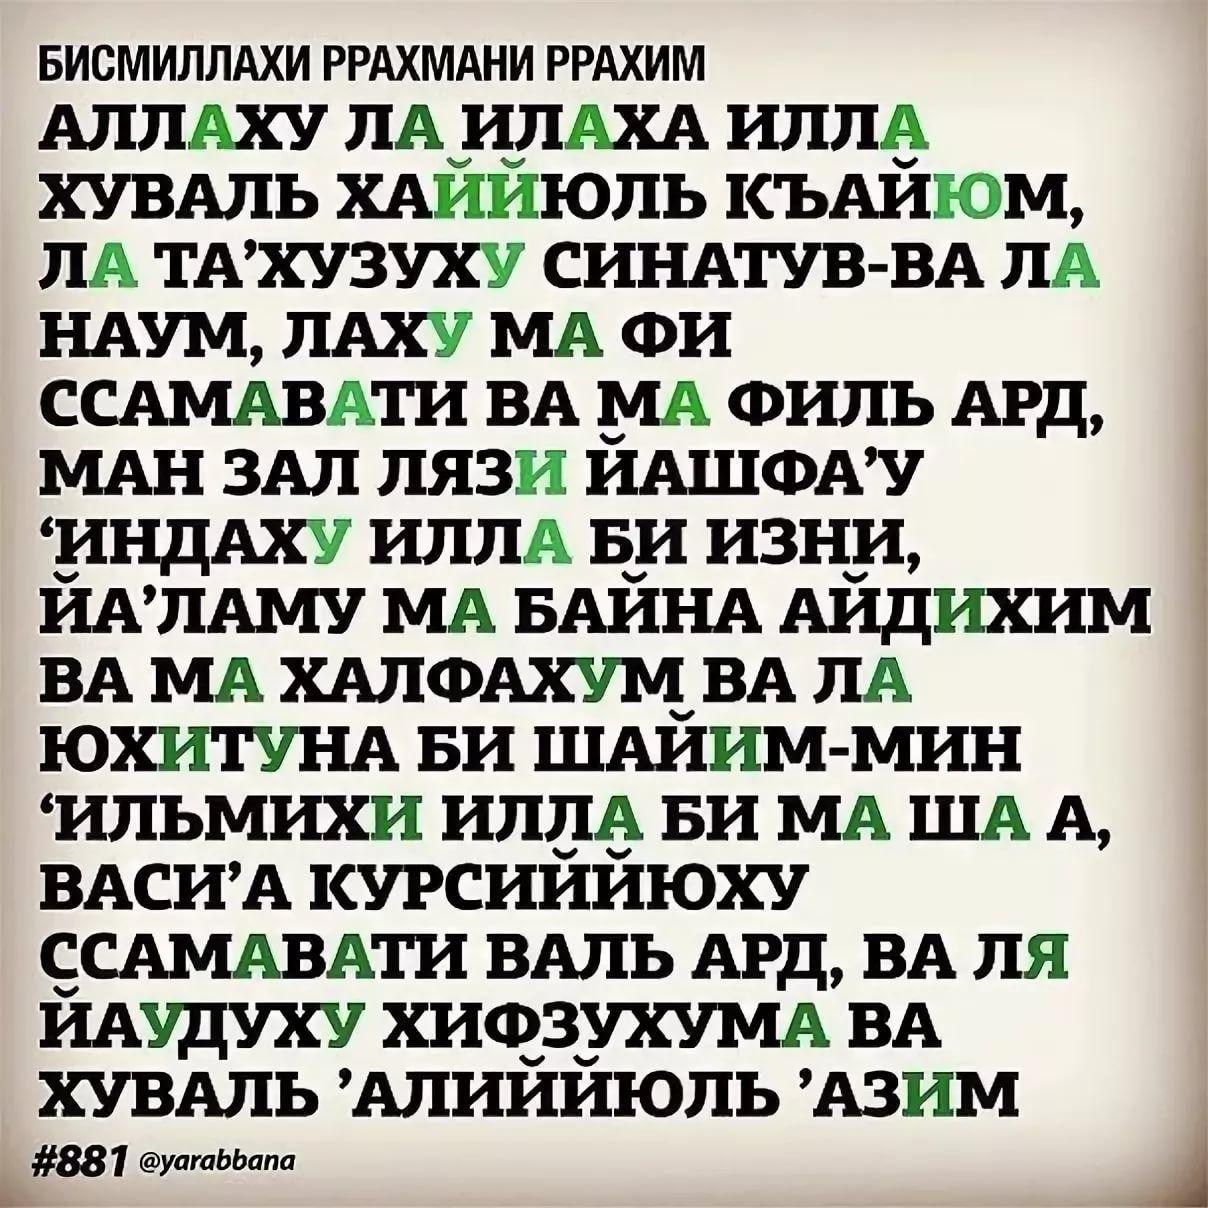 Oyatal Kursi Surasi 11 Tys Izobrazhenij Najdeno V Yandeks Kartinkah Ayaty Duhovnye Citaty Motiviruyushie Citaty